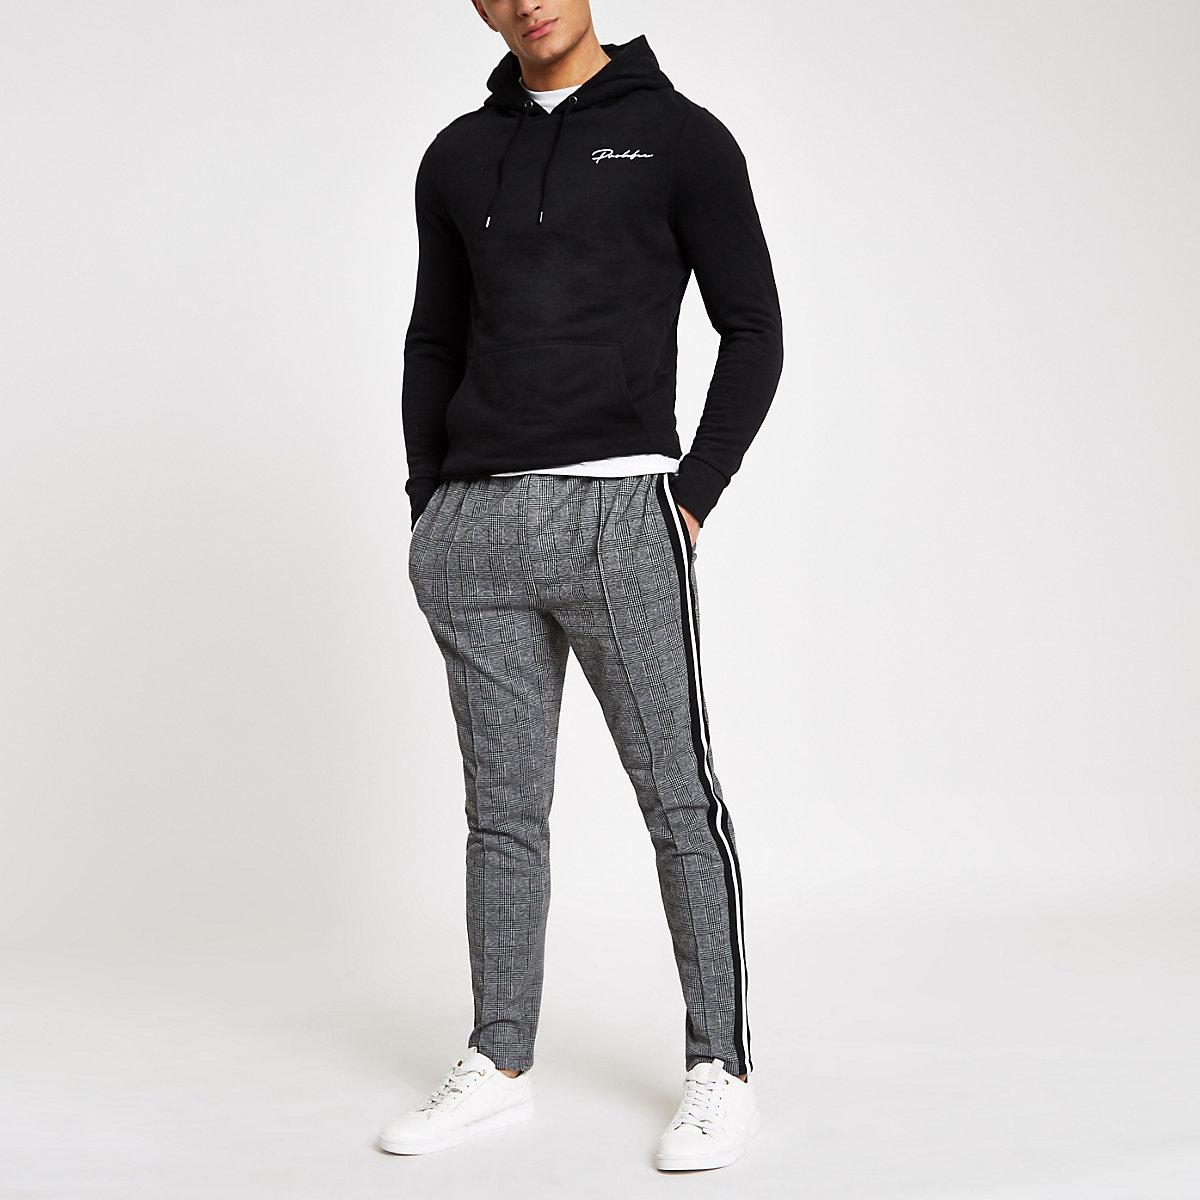 Black 'Prolific' muscle fit hoodie